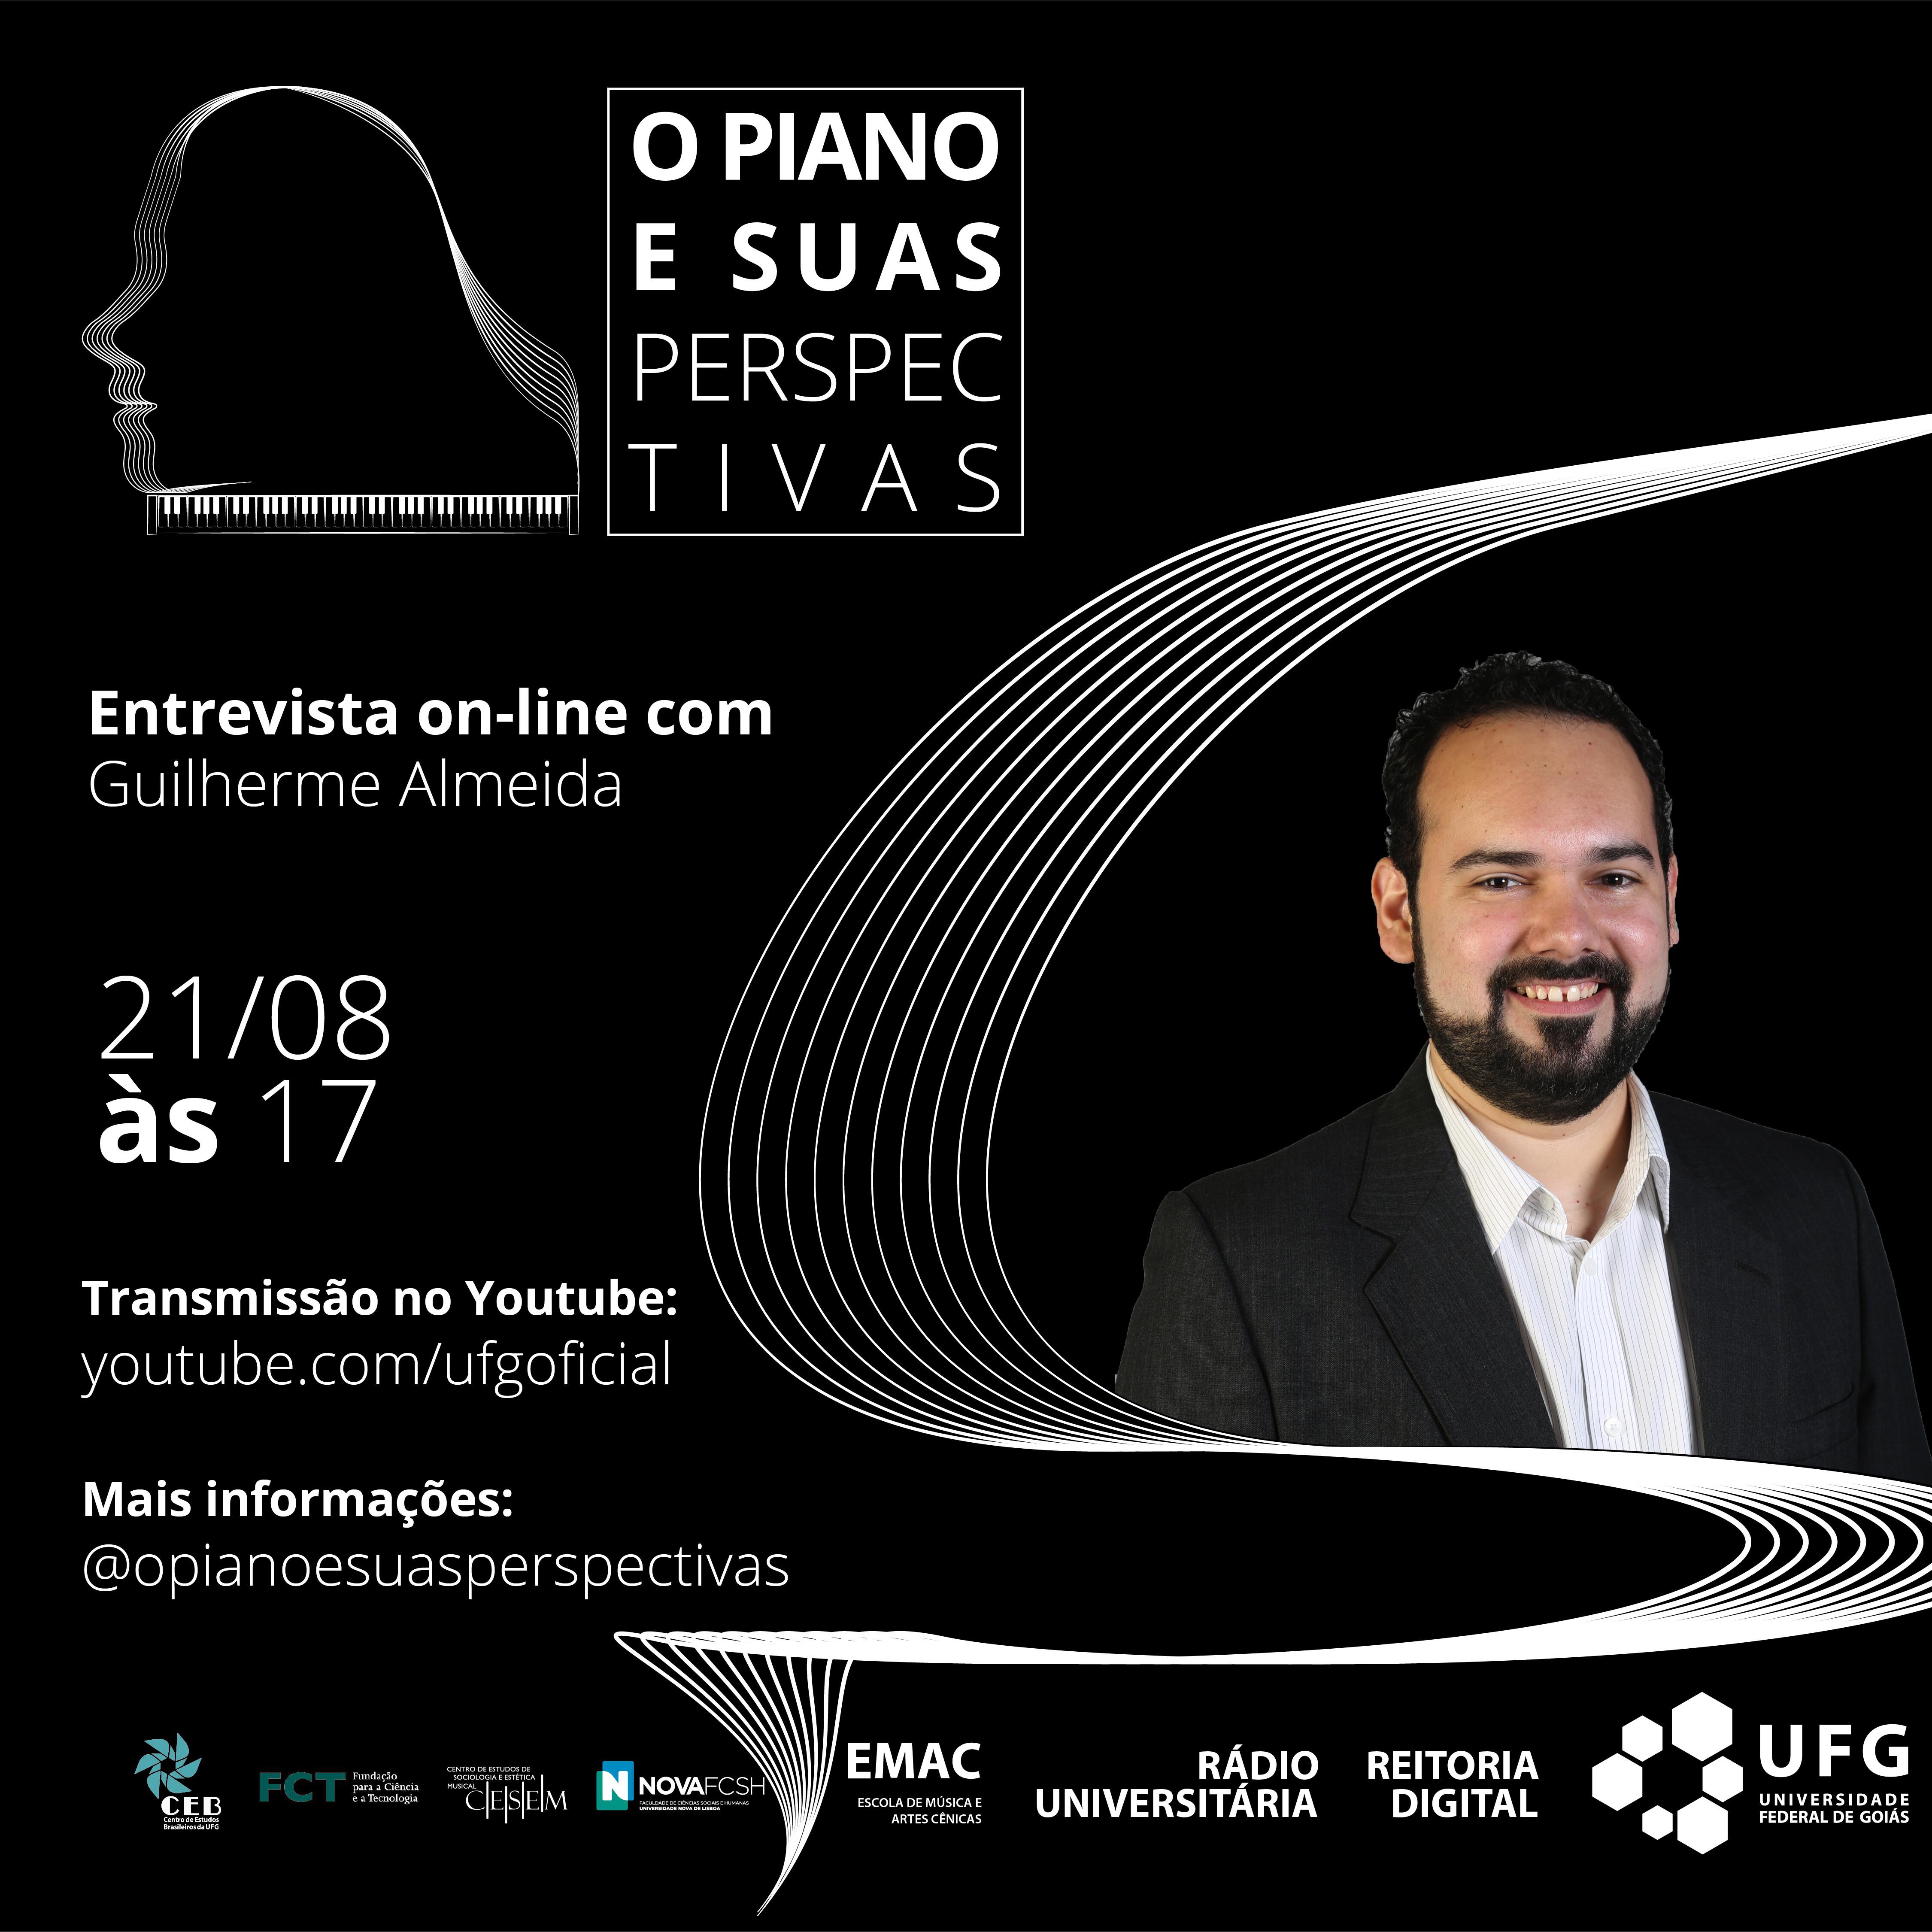 O piano e suas perspectivas com Guilherme Almeida